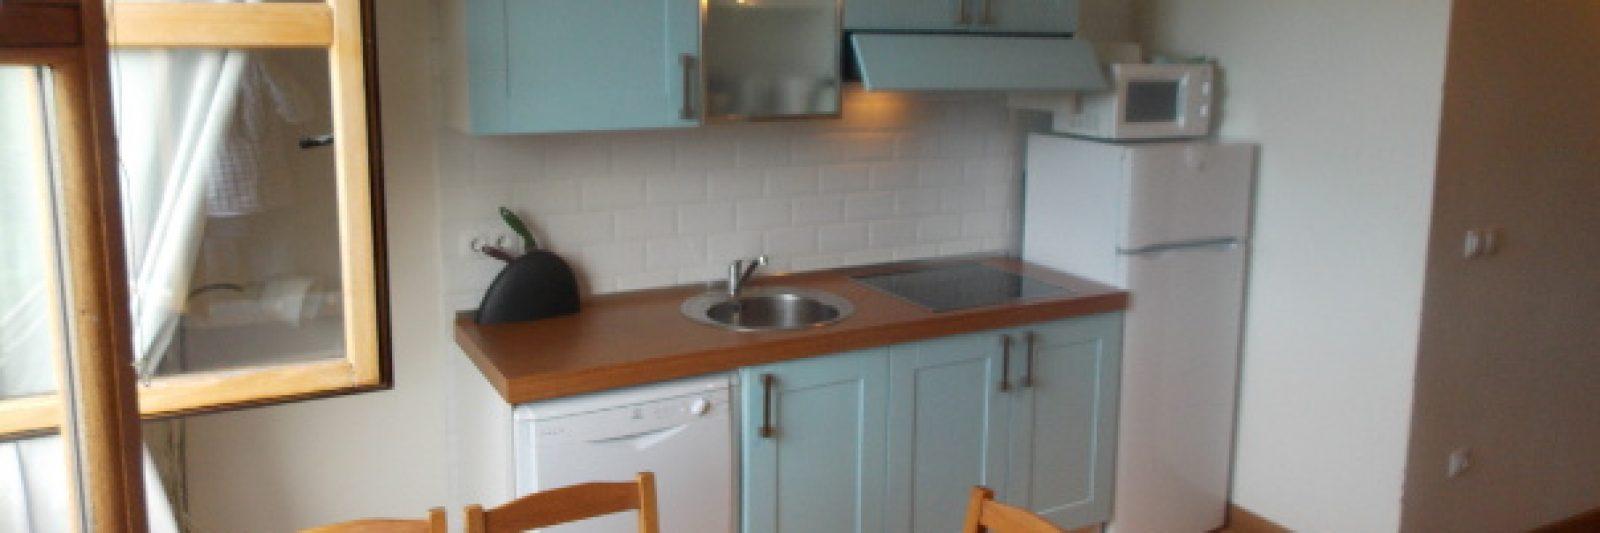 Cocina apartamento Cabrales